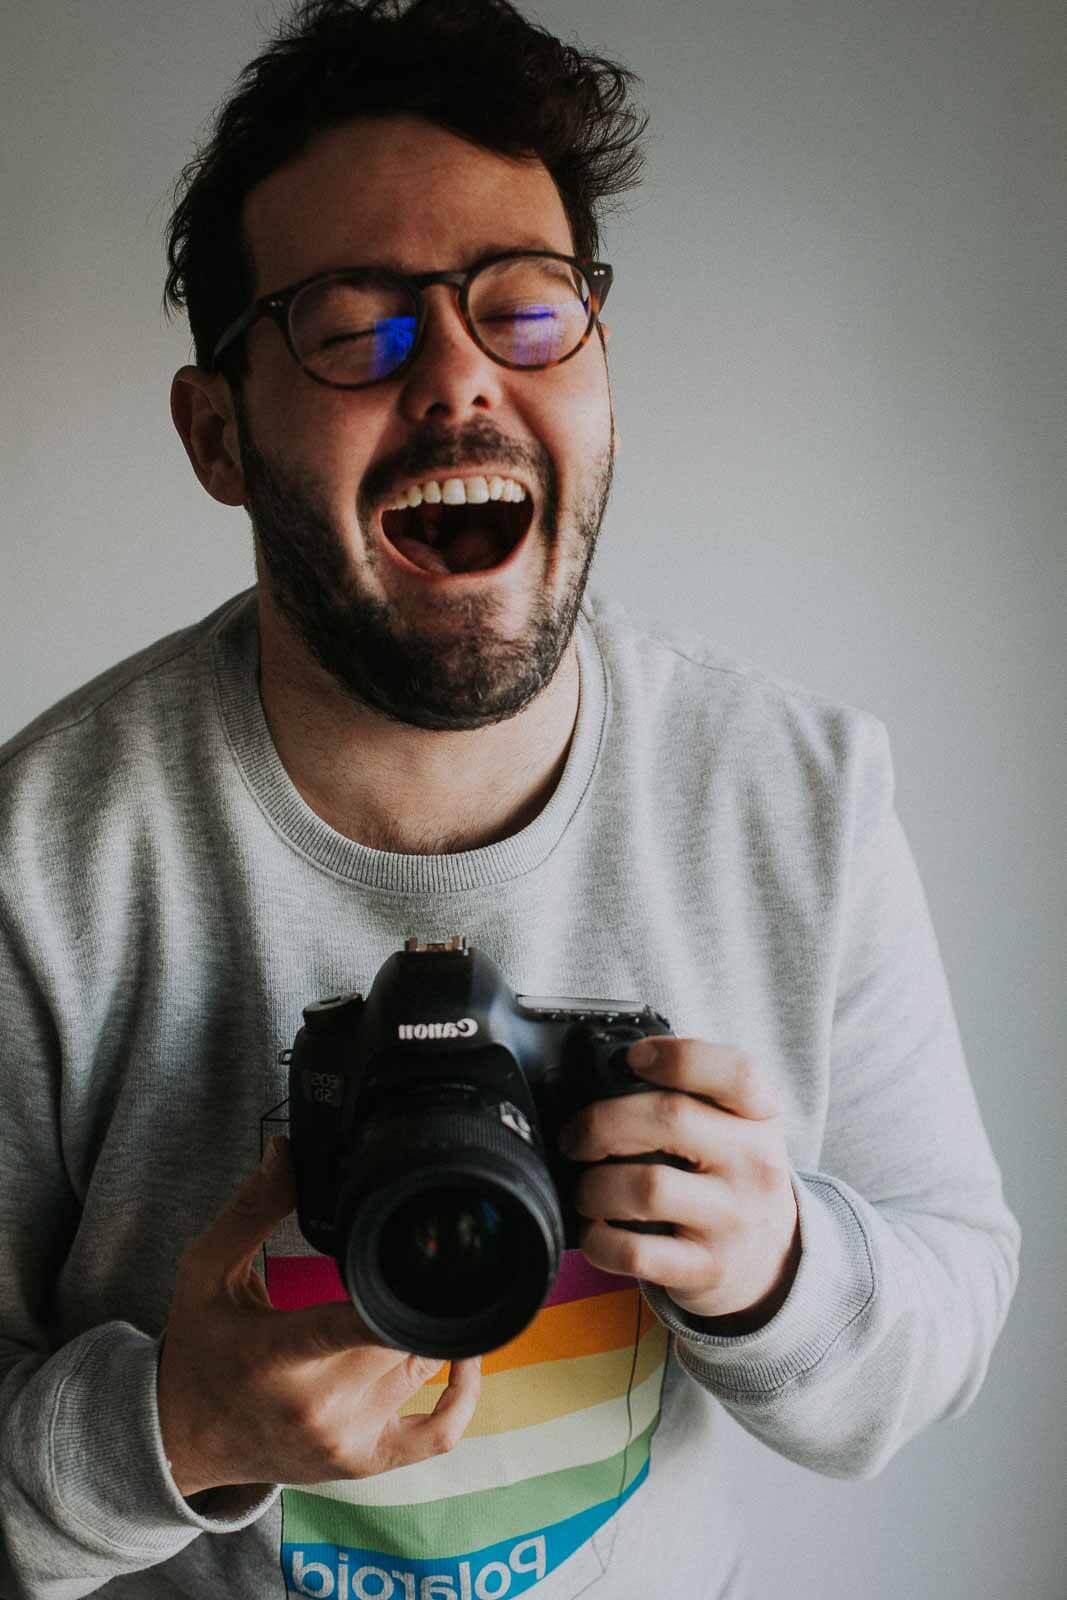 Un photographe à Toulouse